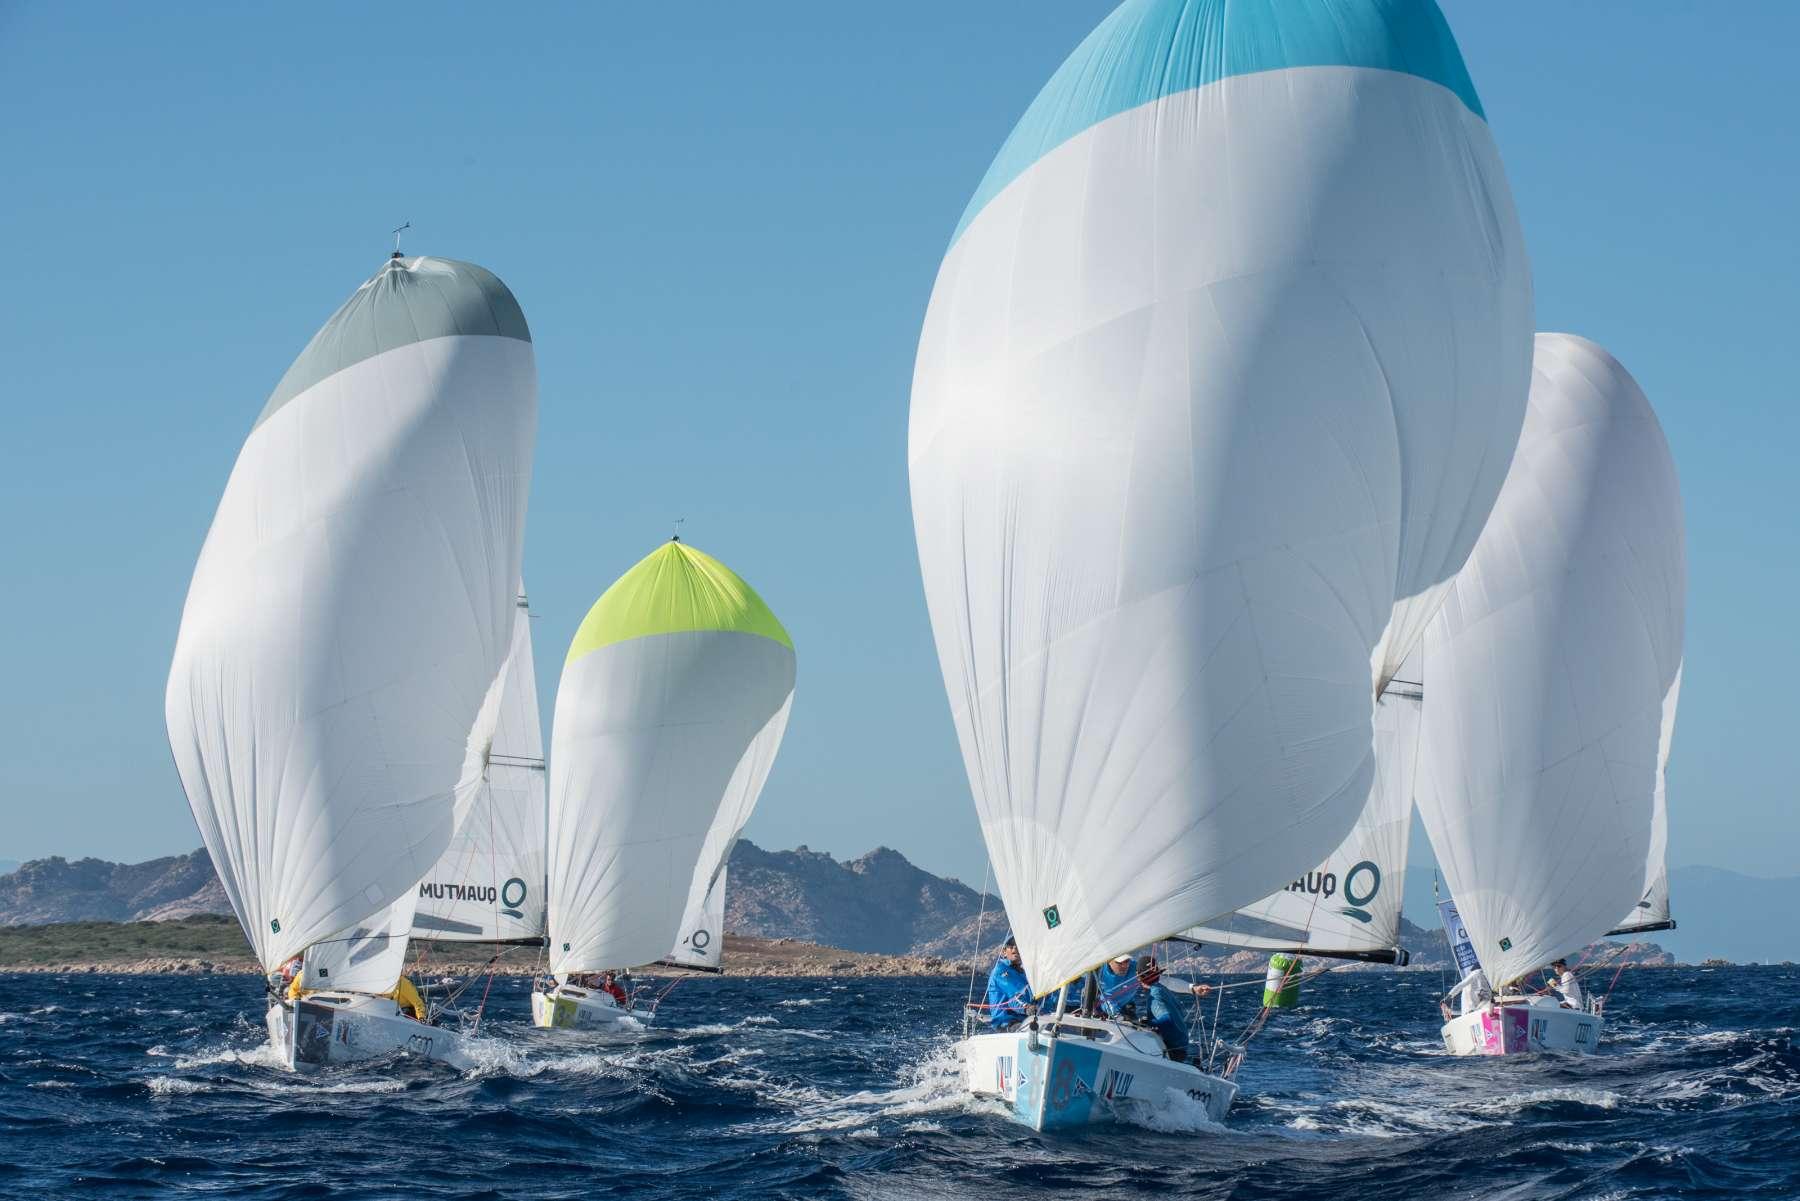 INTENSA PRIMA GIORNATA PER LA AUDI ITALIAN SAILING LEAGUE FINAL - NEWS - Yacht Club Costa Smeralda